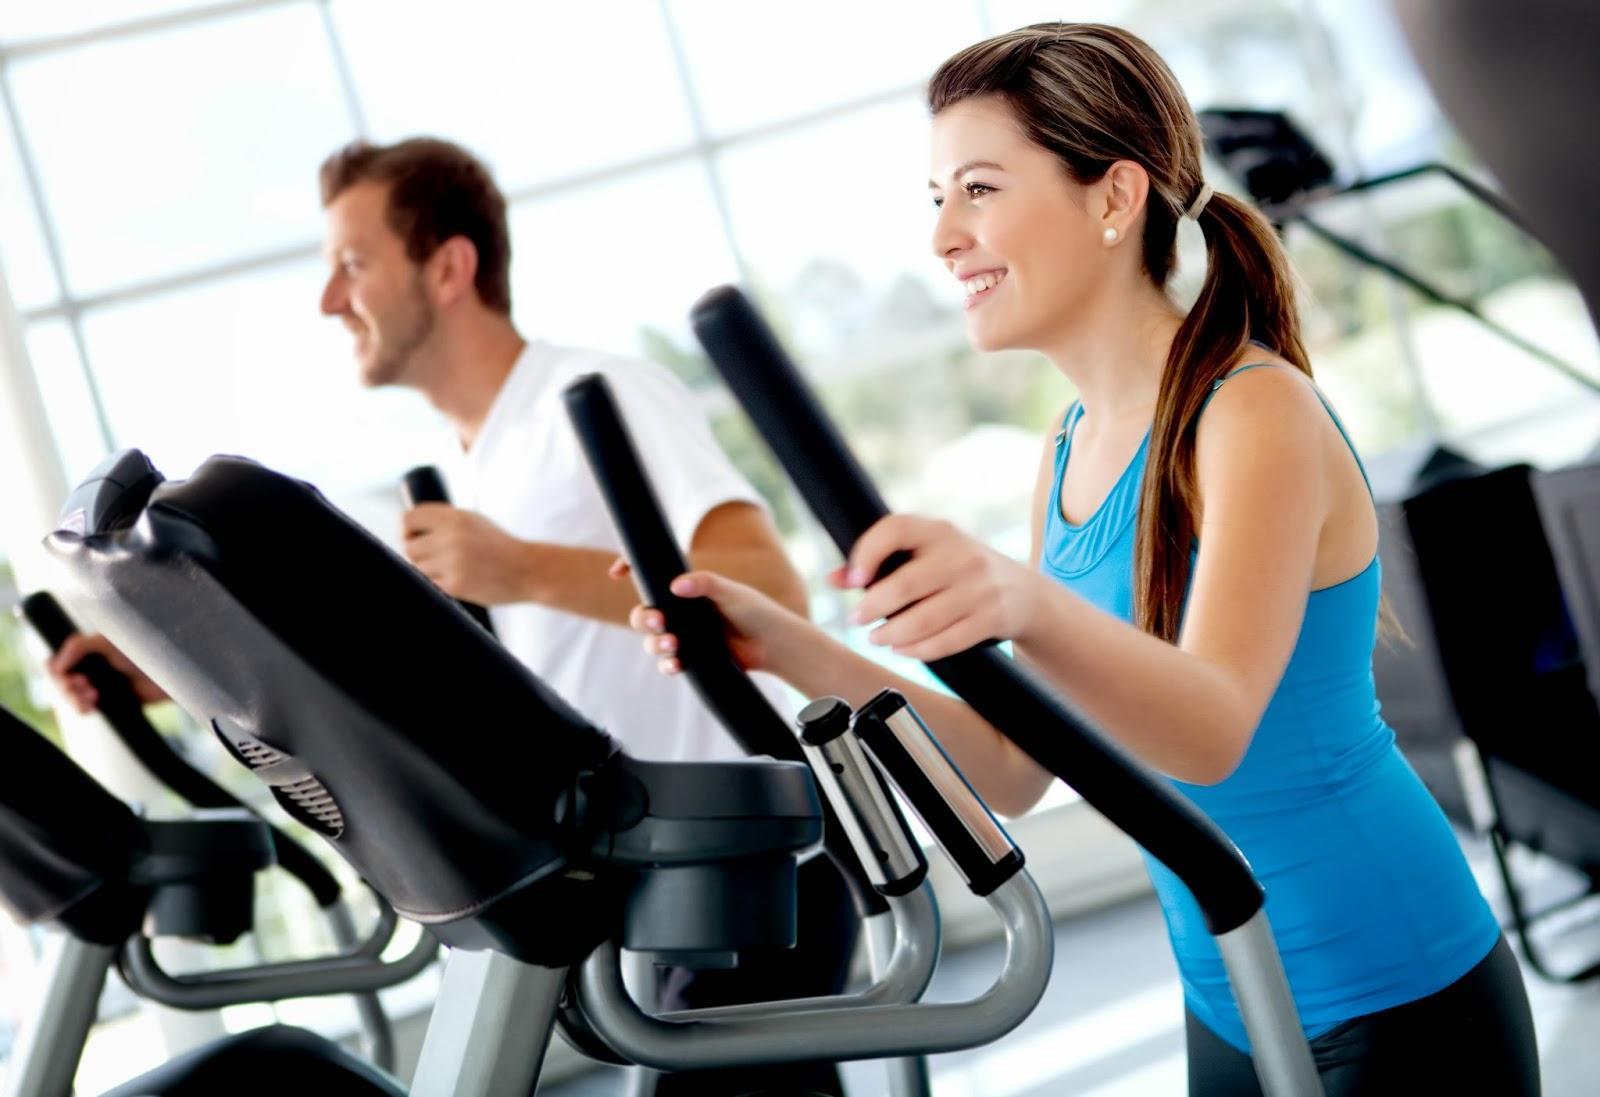 3 mitos sobre practicar ejercicio físico en el gimnasio